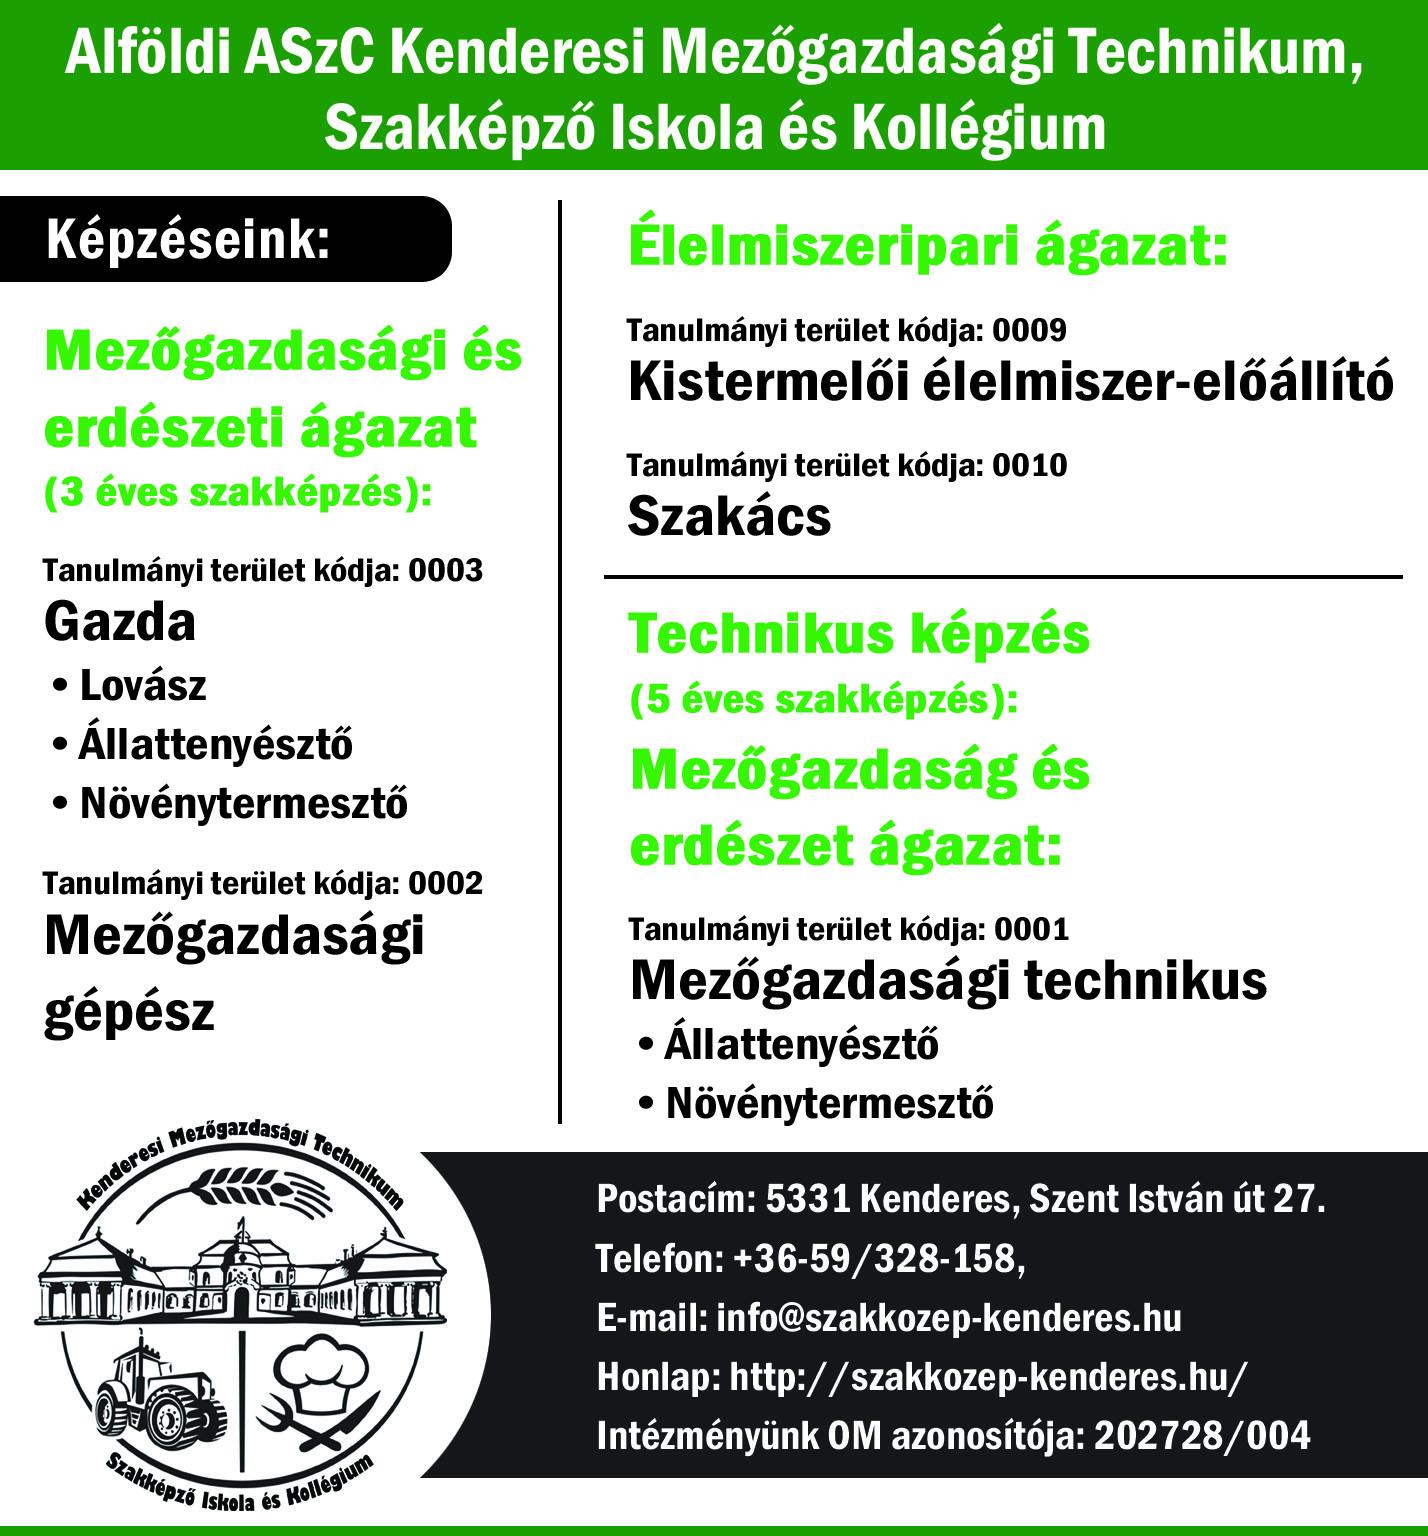 Alföldi ASzC Kenderesi Mezőgazdasági Technikum, Szakképző Iskola és Kollégium képzéskínálata a 2021/2022-es tanévre